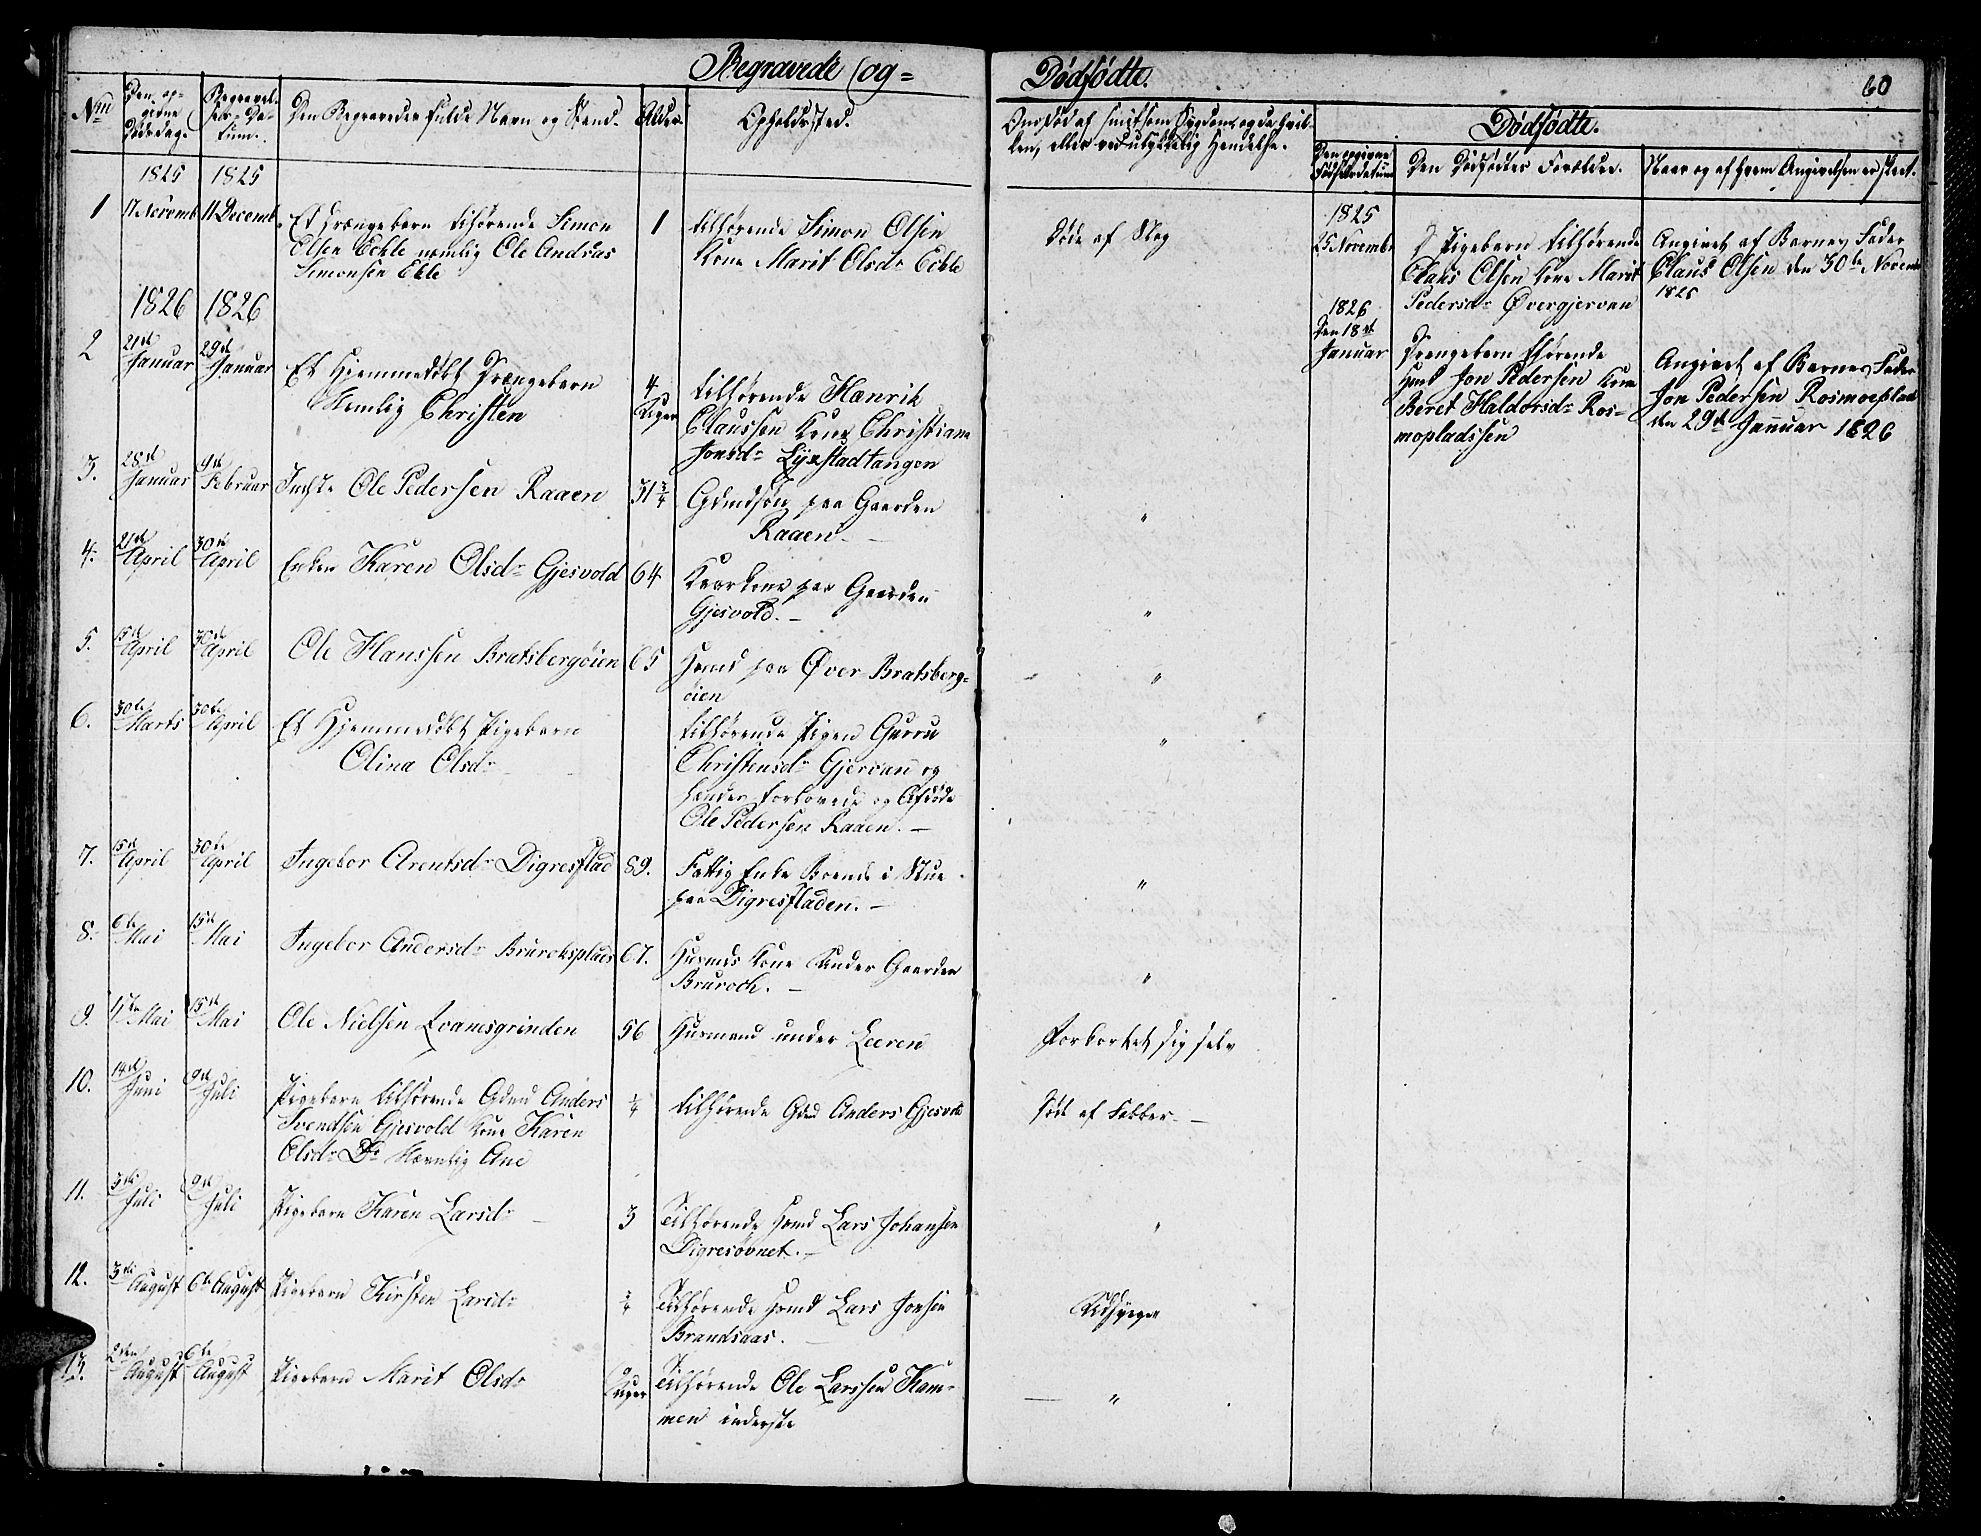 SAT, Ministerialprotokoller, klokkerbøker og fødselsregistre - Sør-Trøndelag, 608/L0337: Klokkerbok nr. 608C03, 1821-1831, s. 60